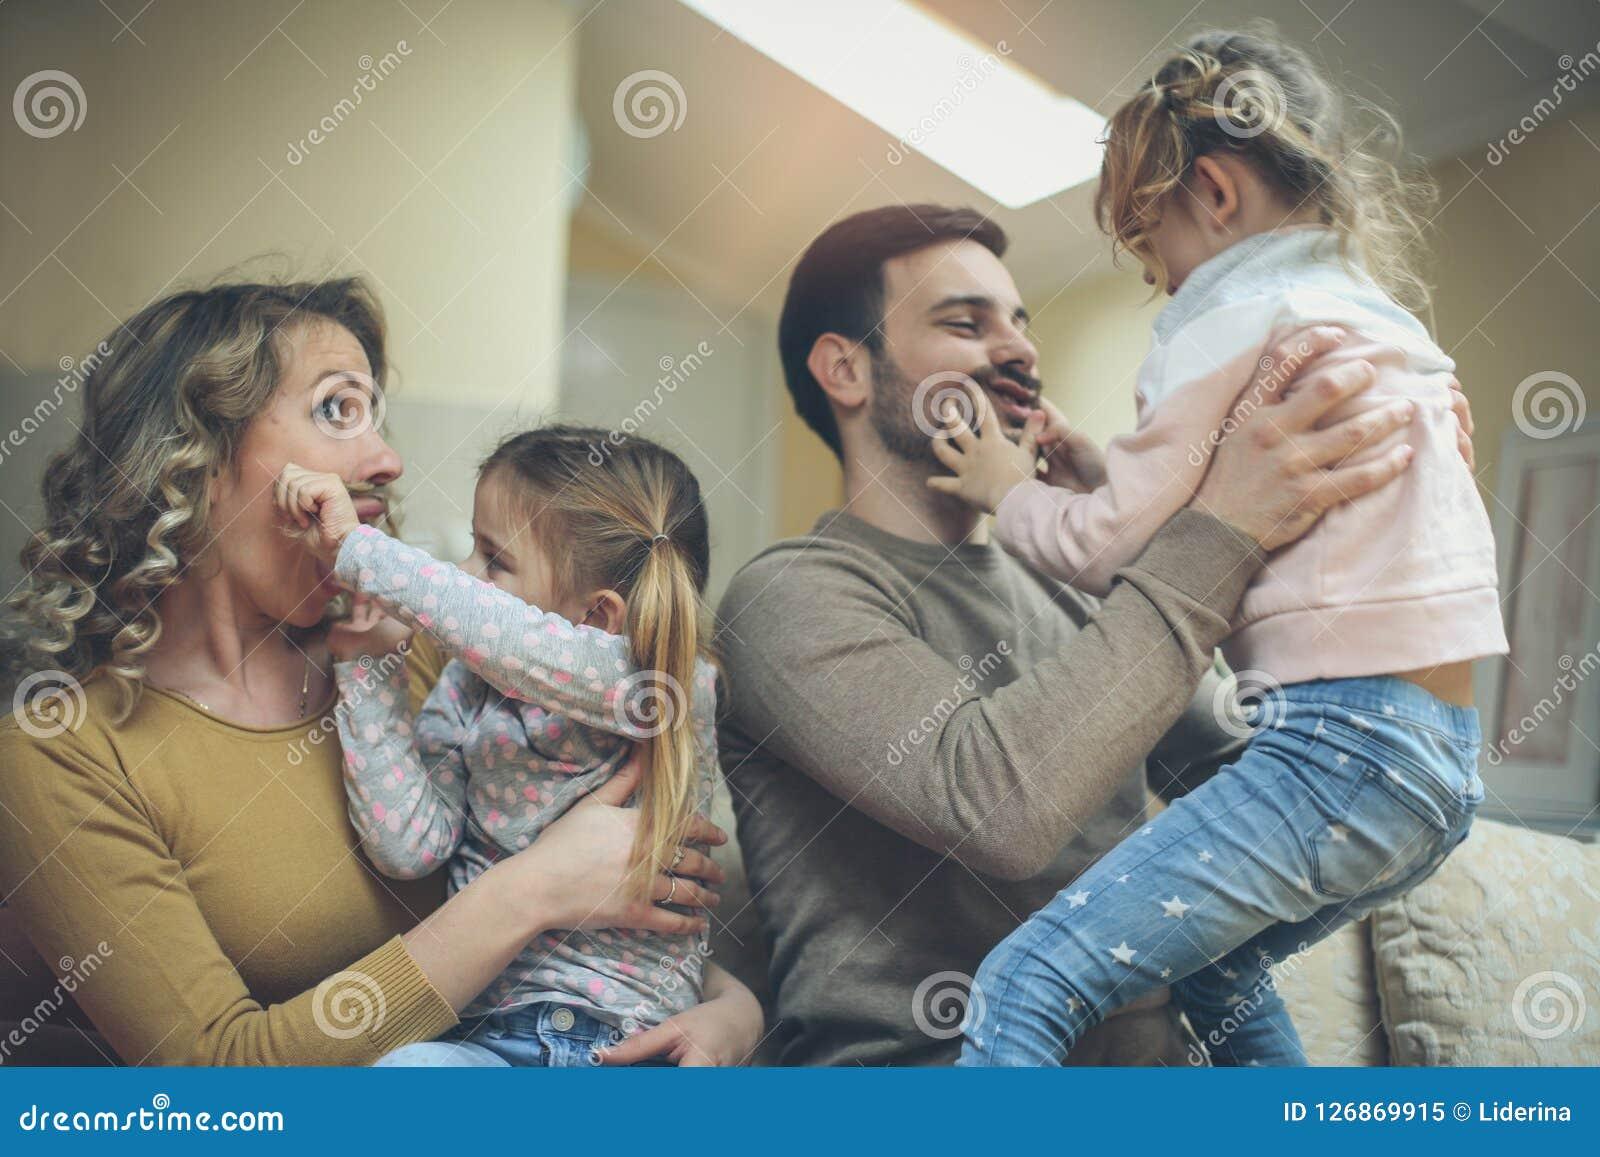 Ich Liebe Meine Dumme Familie Stockbild - Bild von frau